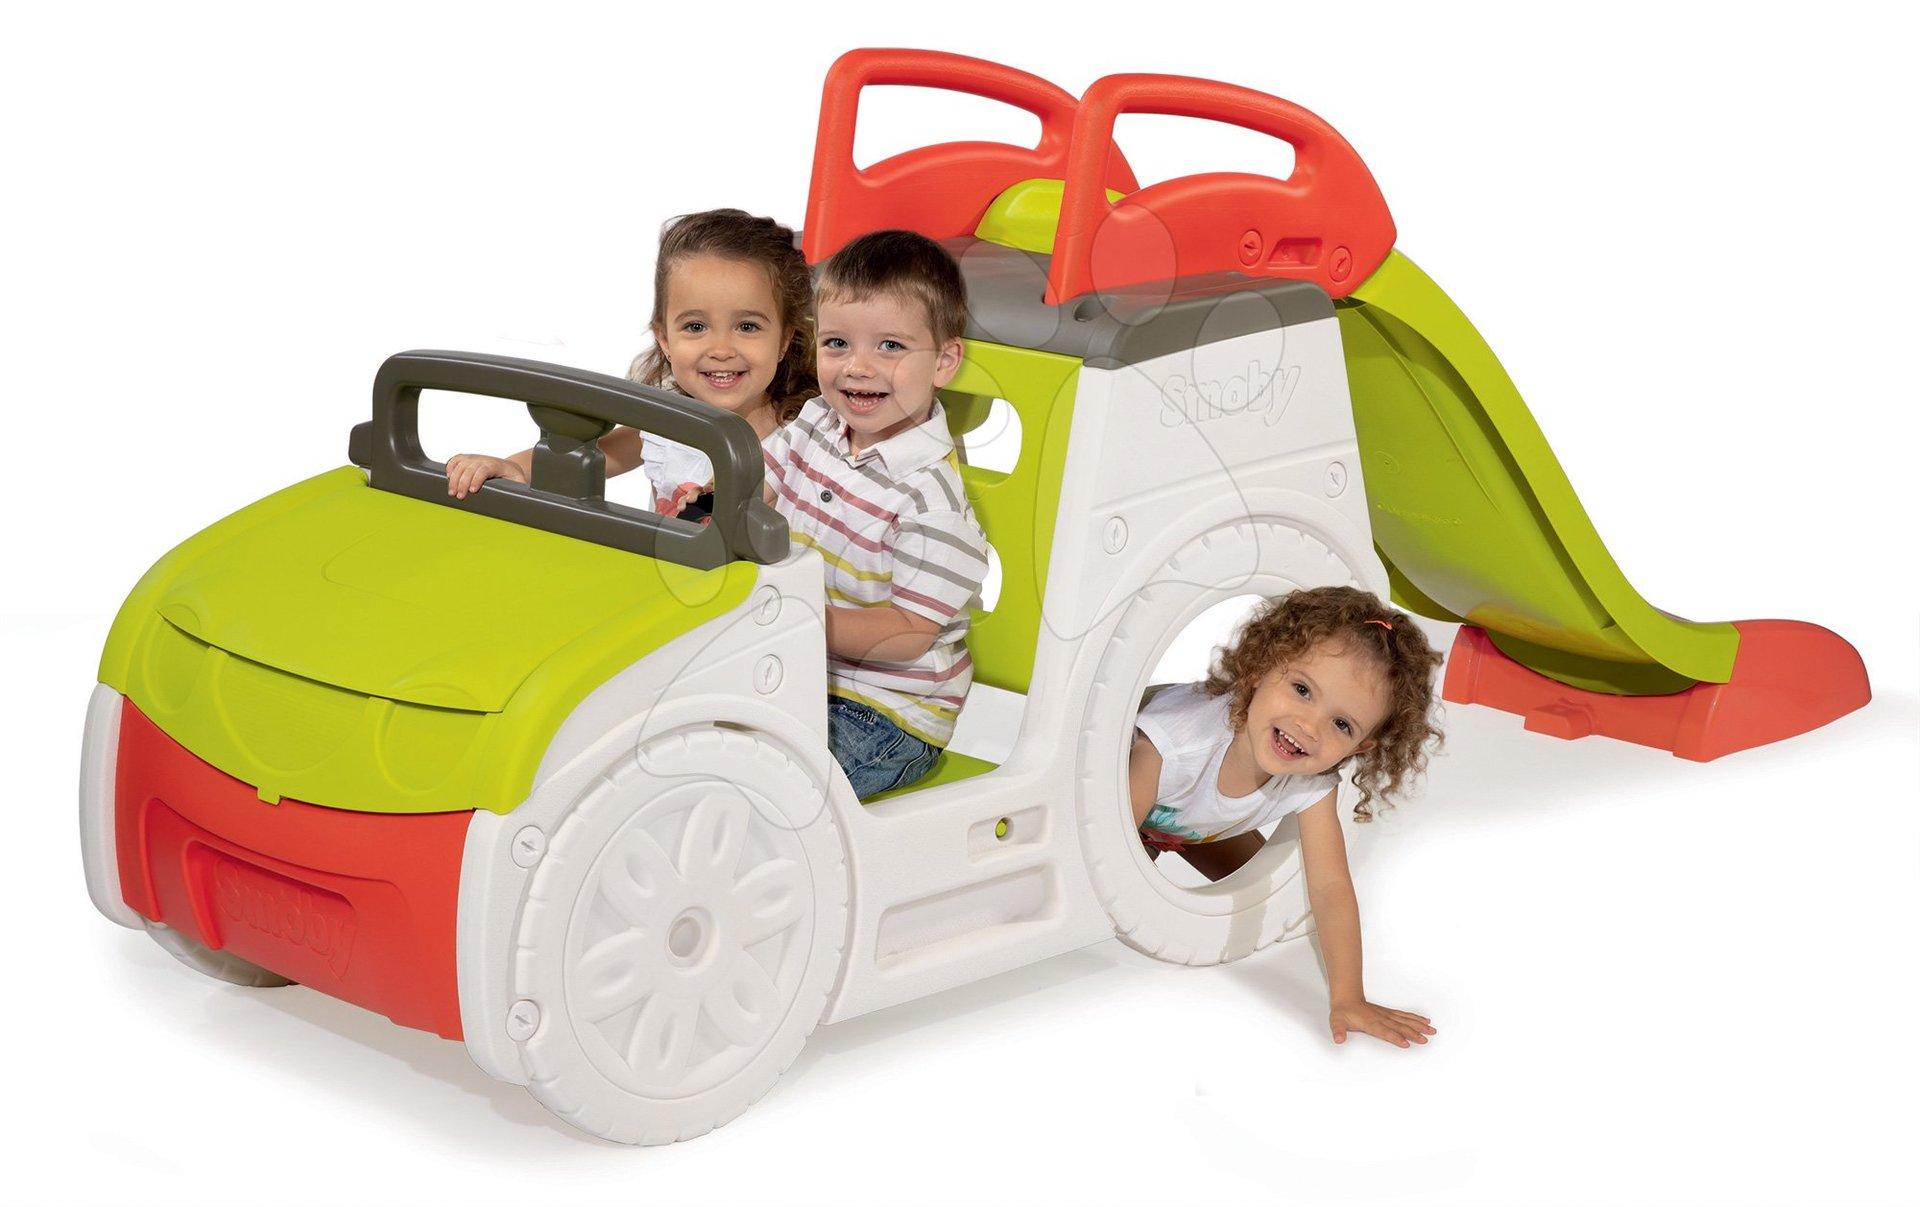 Autó mászóka Adventure Car Smoby hanggal, homokozóval és 150 cm csúszdával UV védelemmel 18 hó-tól